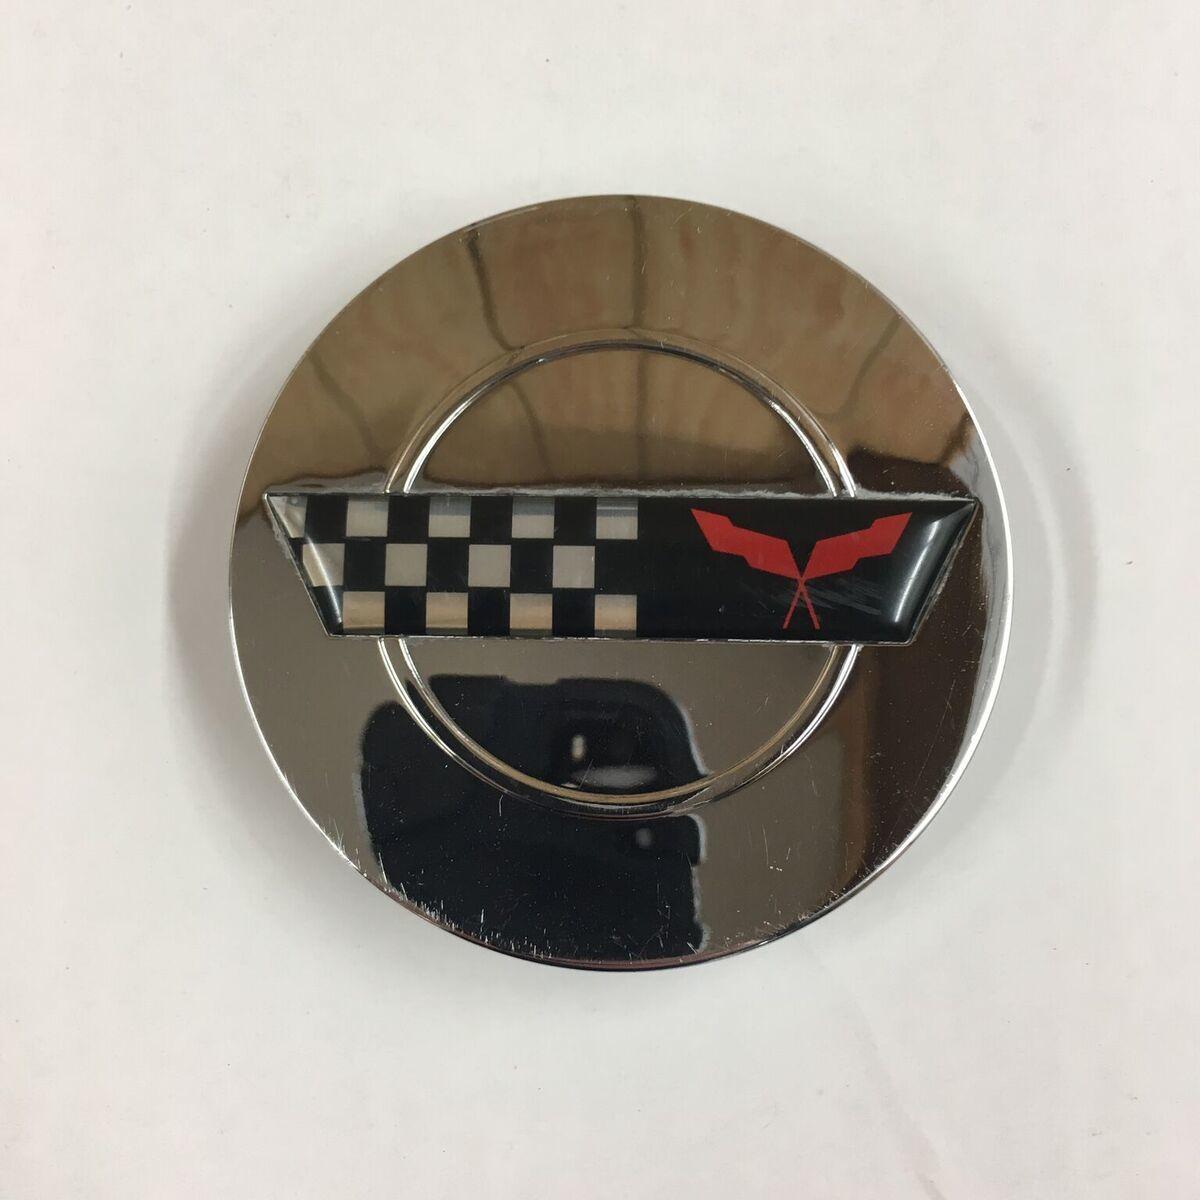 REPLICA WHEELS Chevy Corvette H1040 Chrome Center Cap